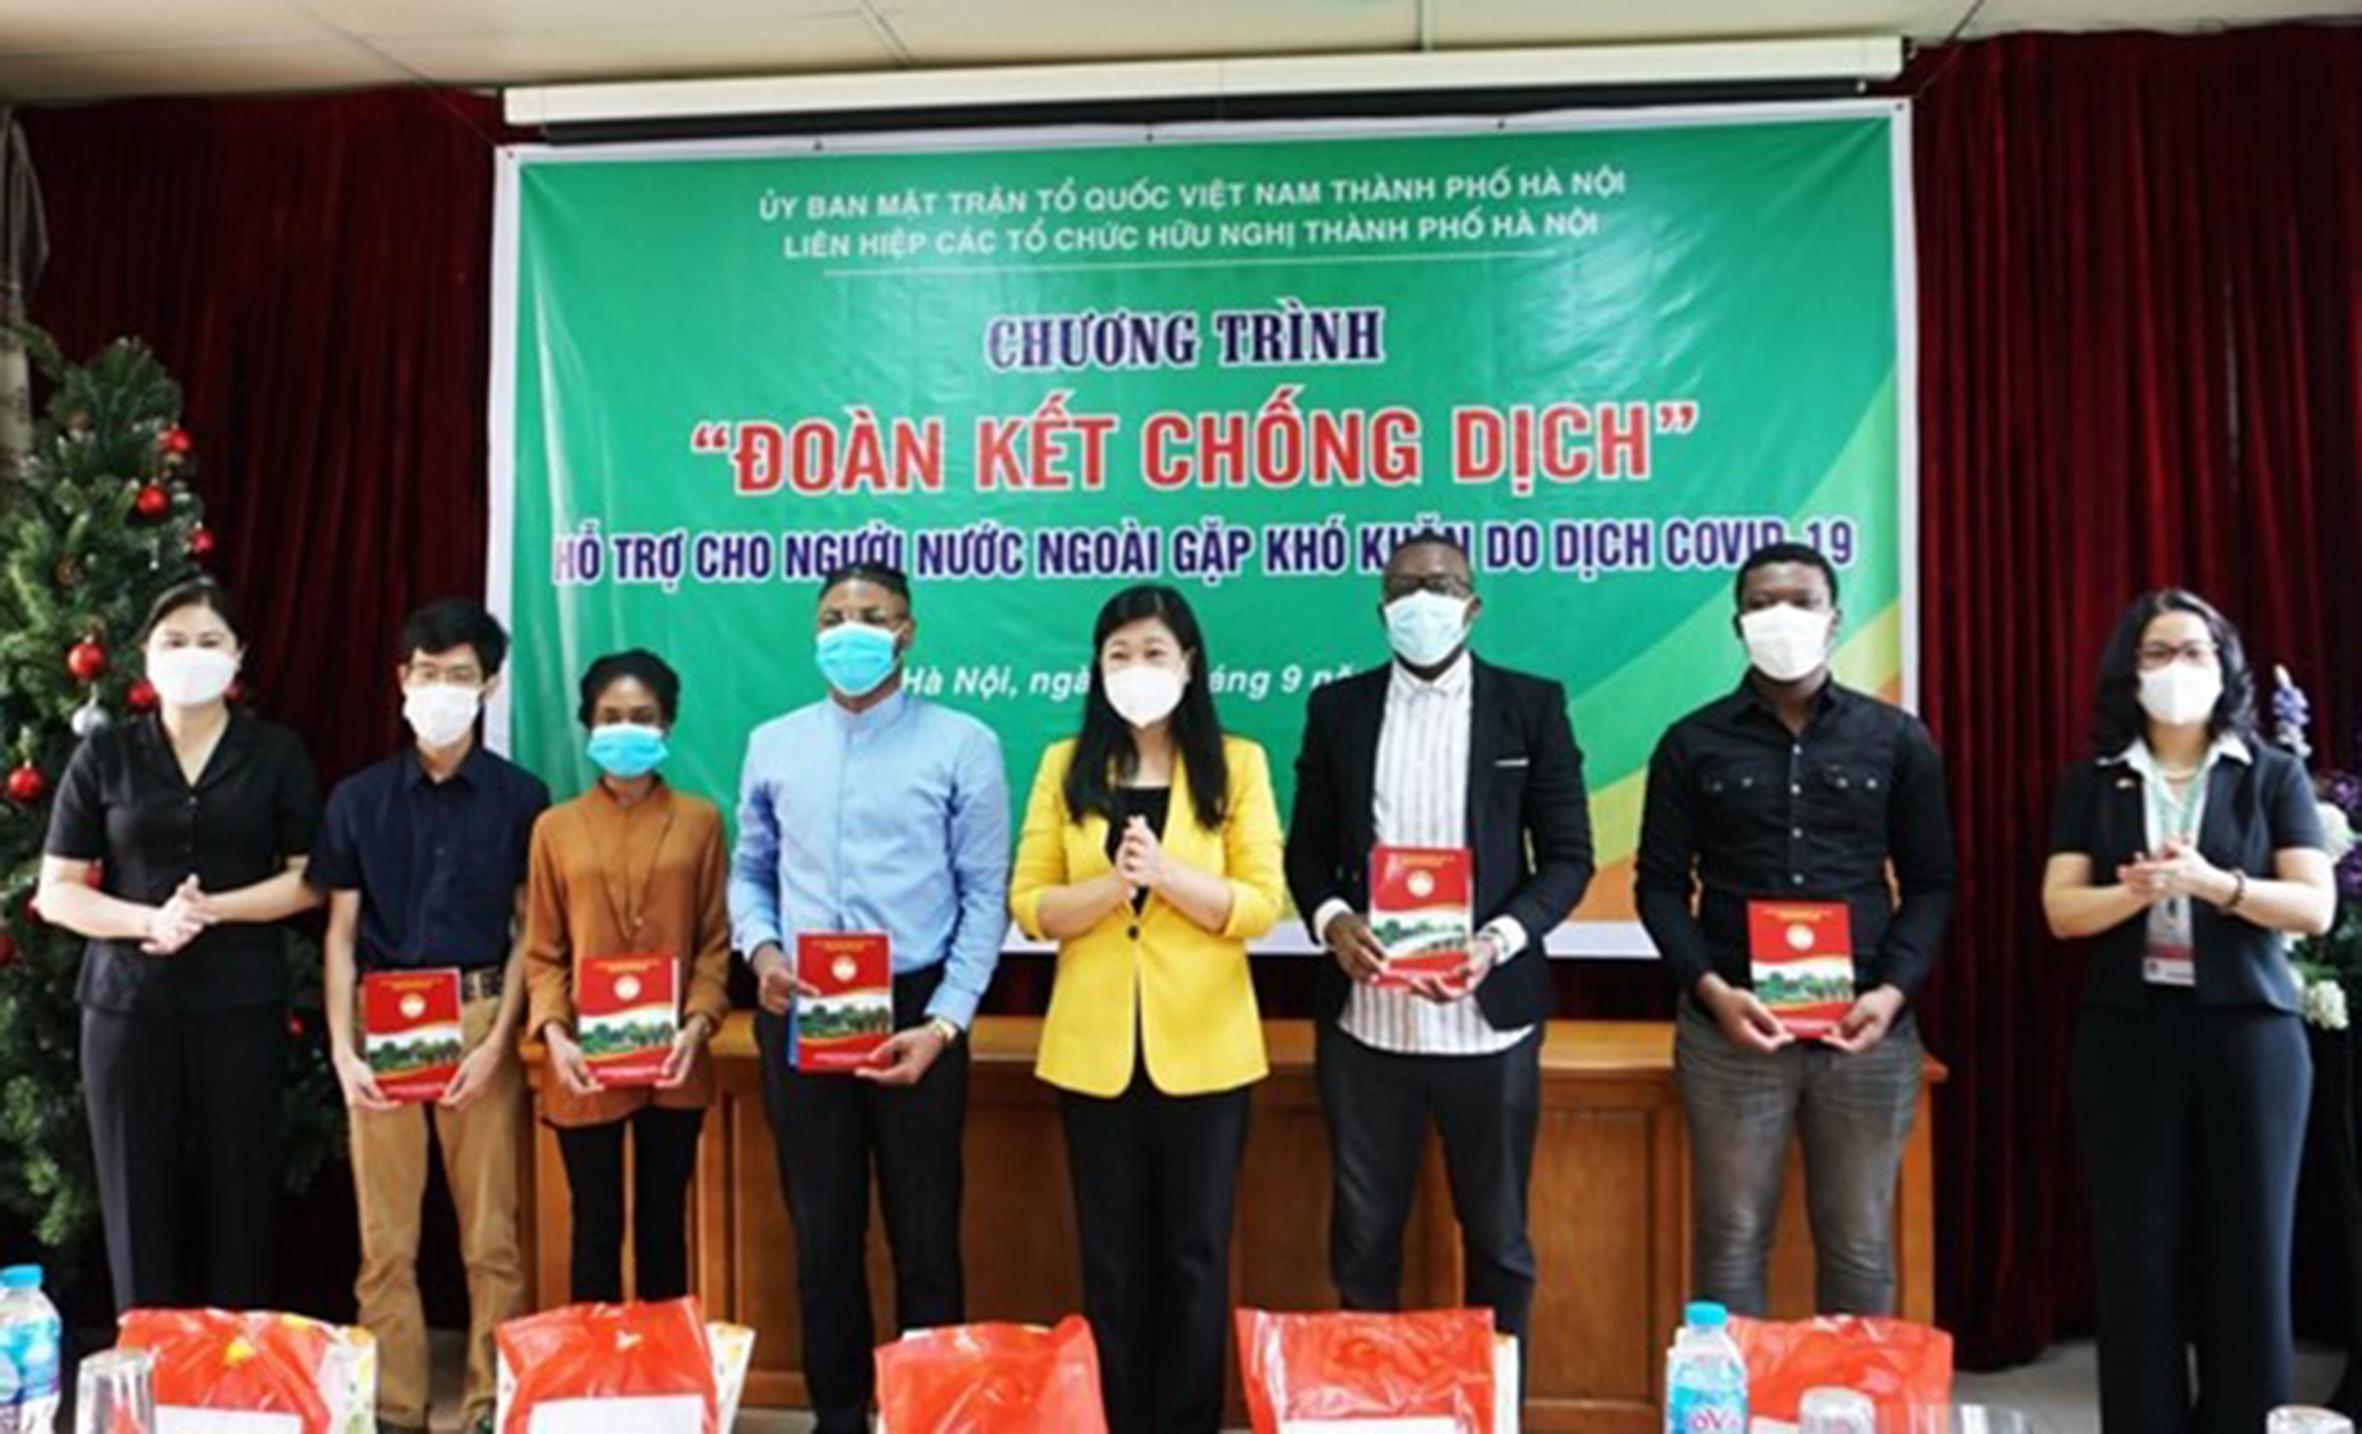 Đồng chí Nguyễn Lan Hương, Chủ tịch Ủy ban MTTQ Việt Nam TP Hà Nội, Chủ tịch Liên hiệp các tổ chức Hữu nghị TP Hà Nội (thứ 4 từ phải sang), trao quà hỗ trợ cho các em sinh viên nước ngoài